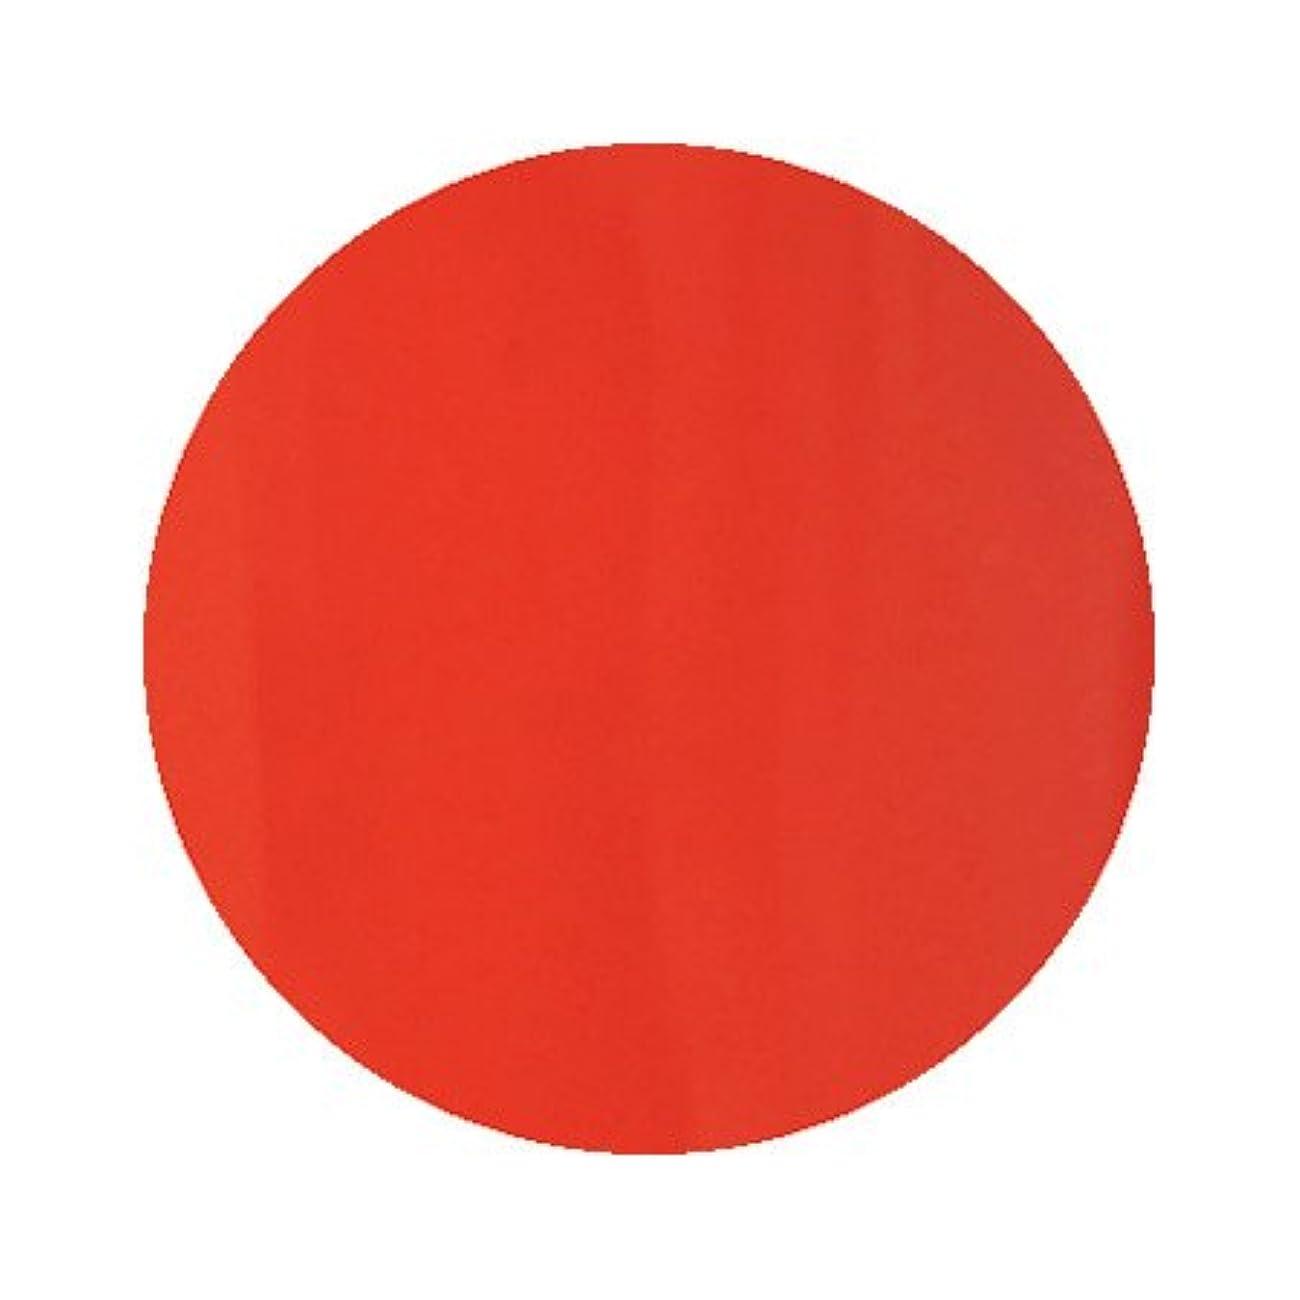 運動圧倒的前売パラポリッシュ ハイブリッドカラージェル V3 ブラッドオレンジ 7g